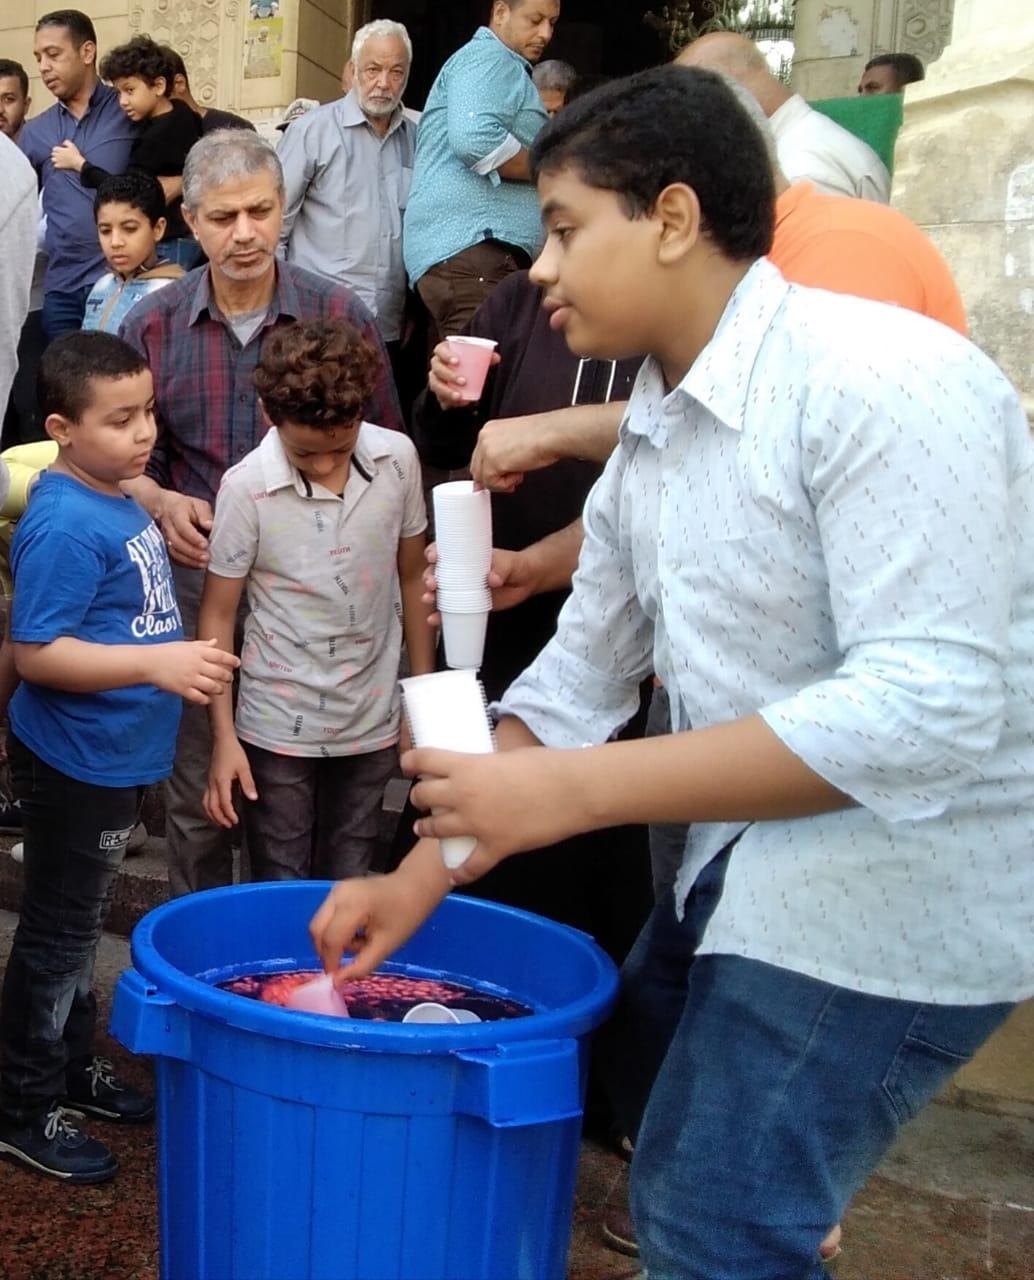 توزيع الشربات احتفالا بالمود بالإسكندرية